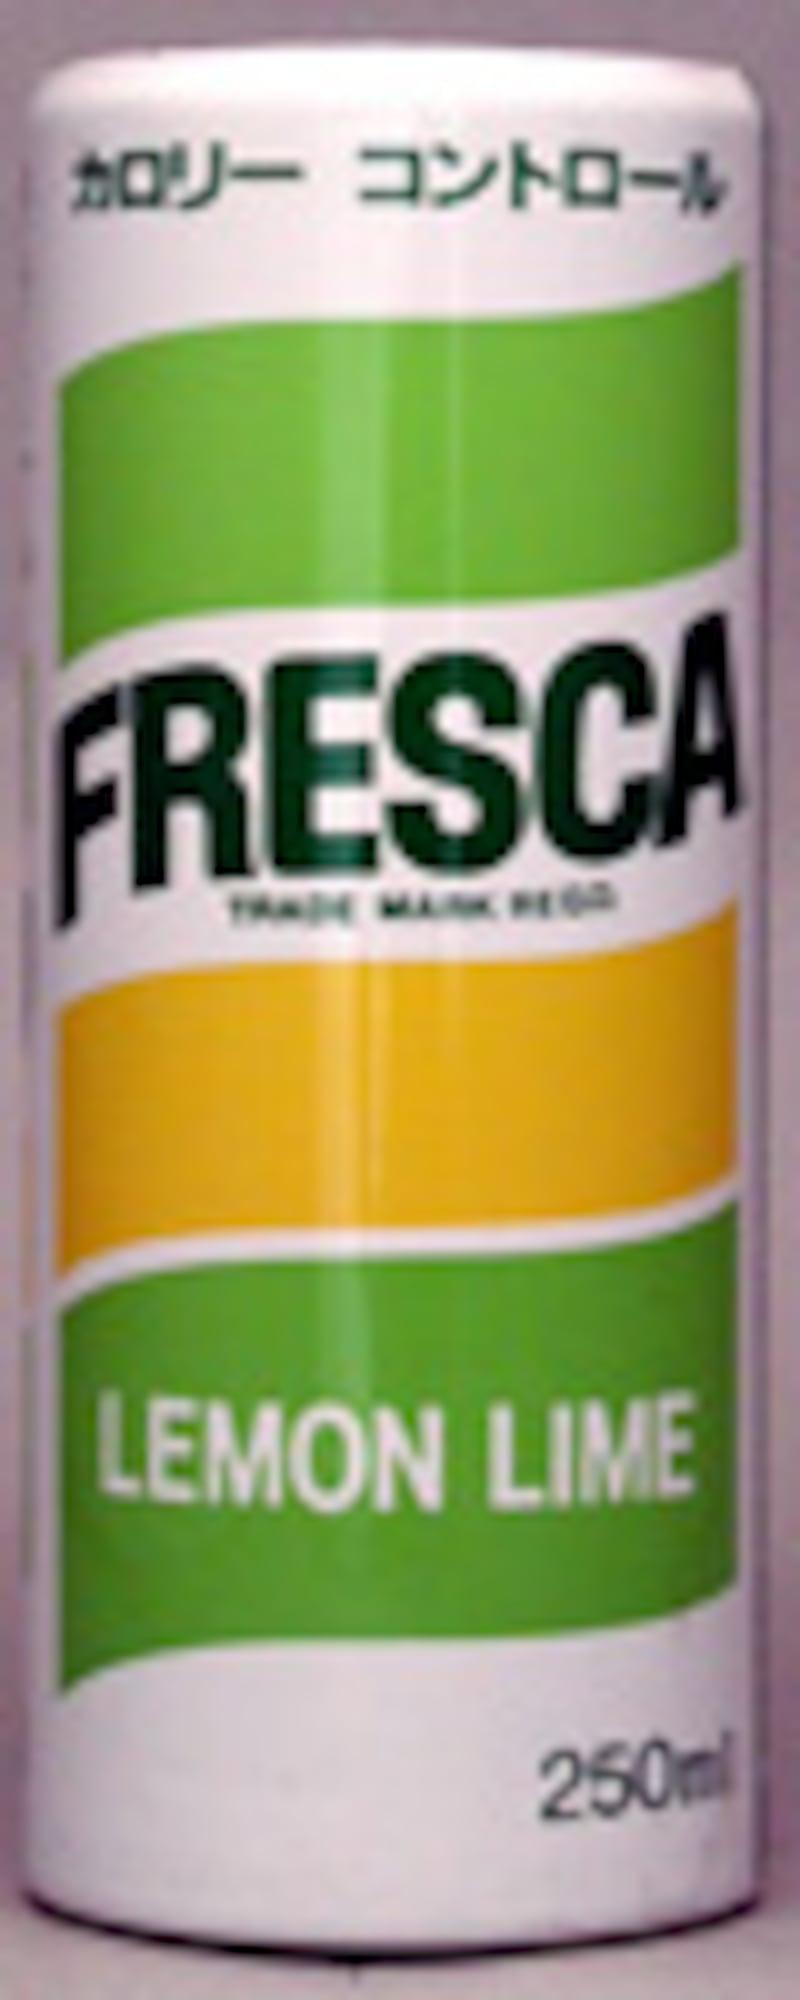 コカ・コーラ フレスカ